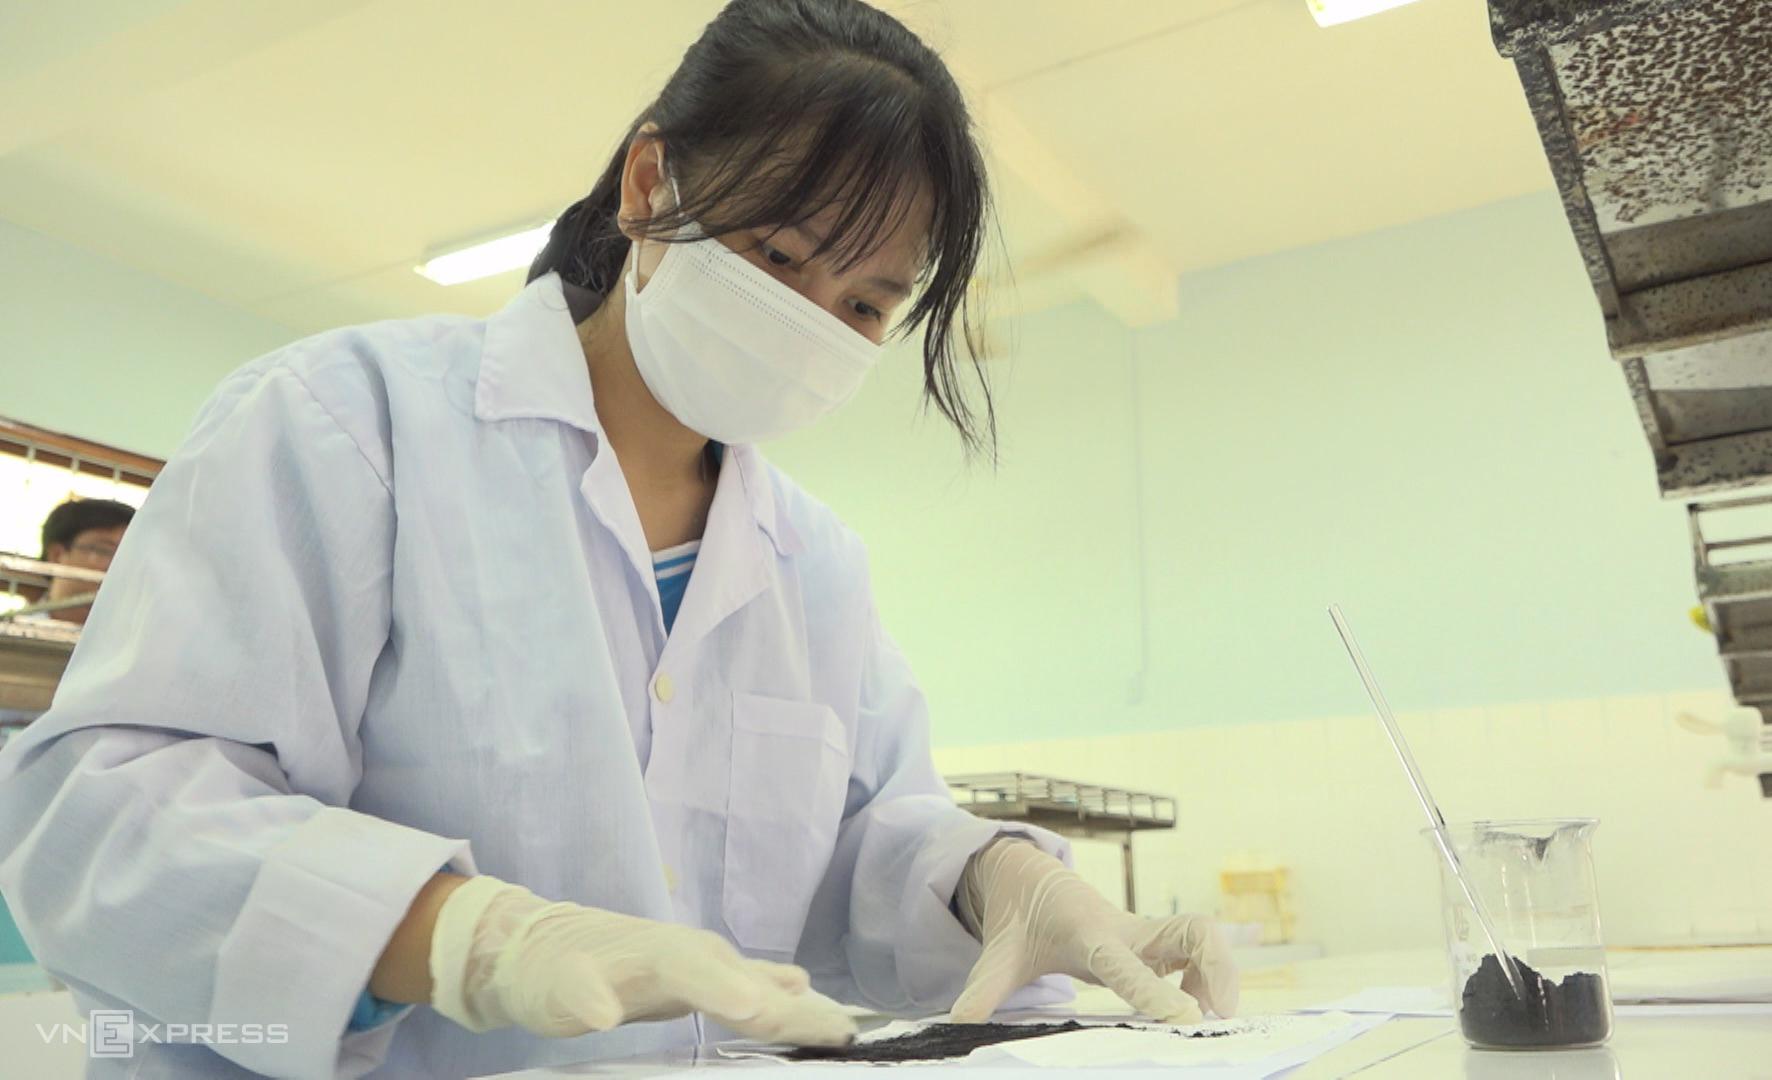 Than hoạt tính được trải đều trên lớp giấy kháng khuẩn, phần quan trọng của khẩu trang. Ảnh: Phúc Hiền. Ảnh: Phúc Điền